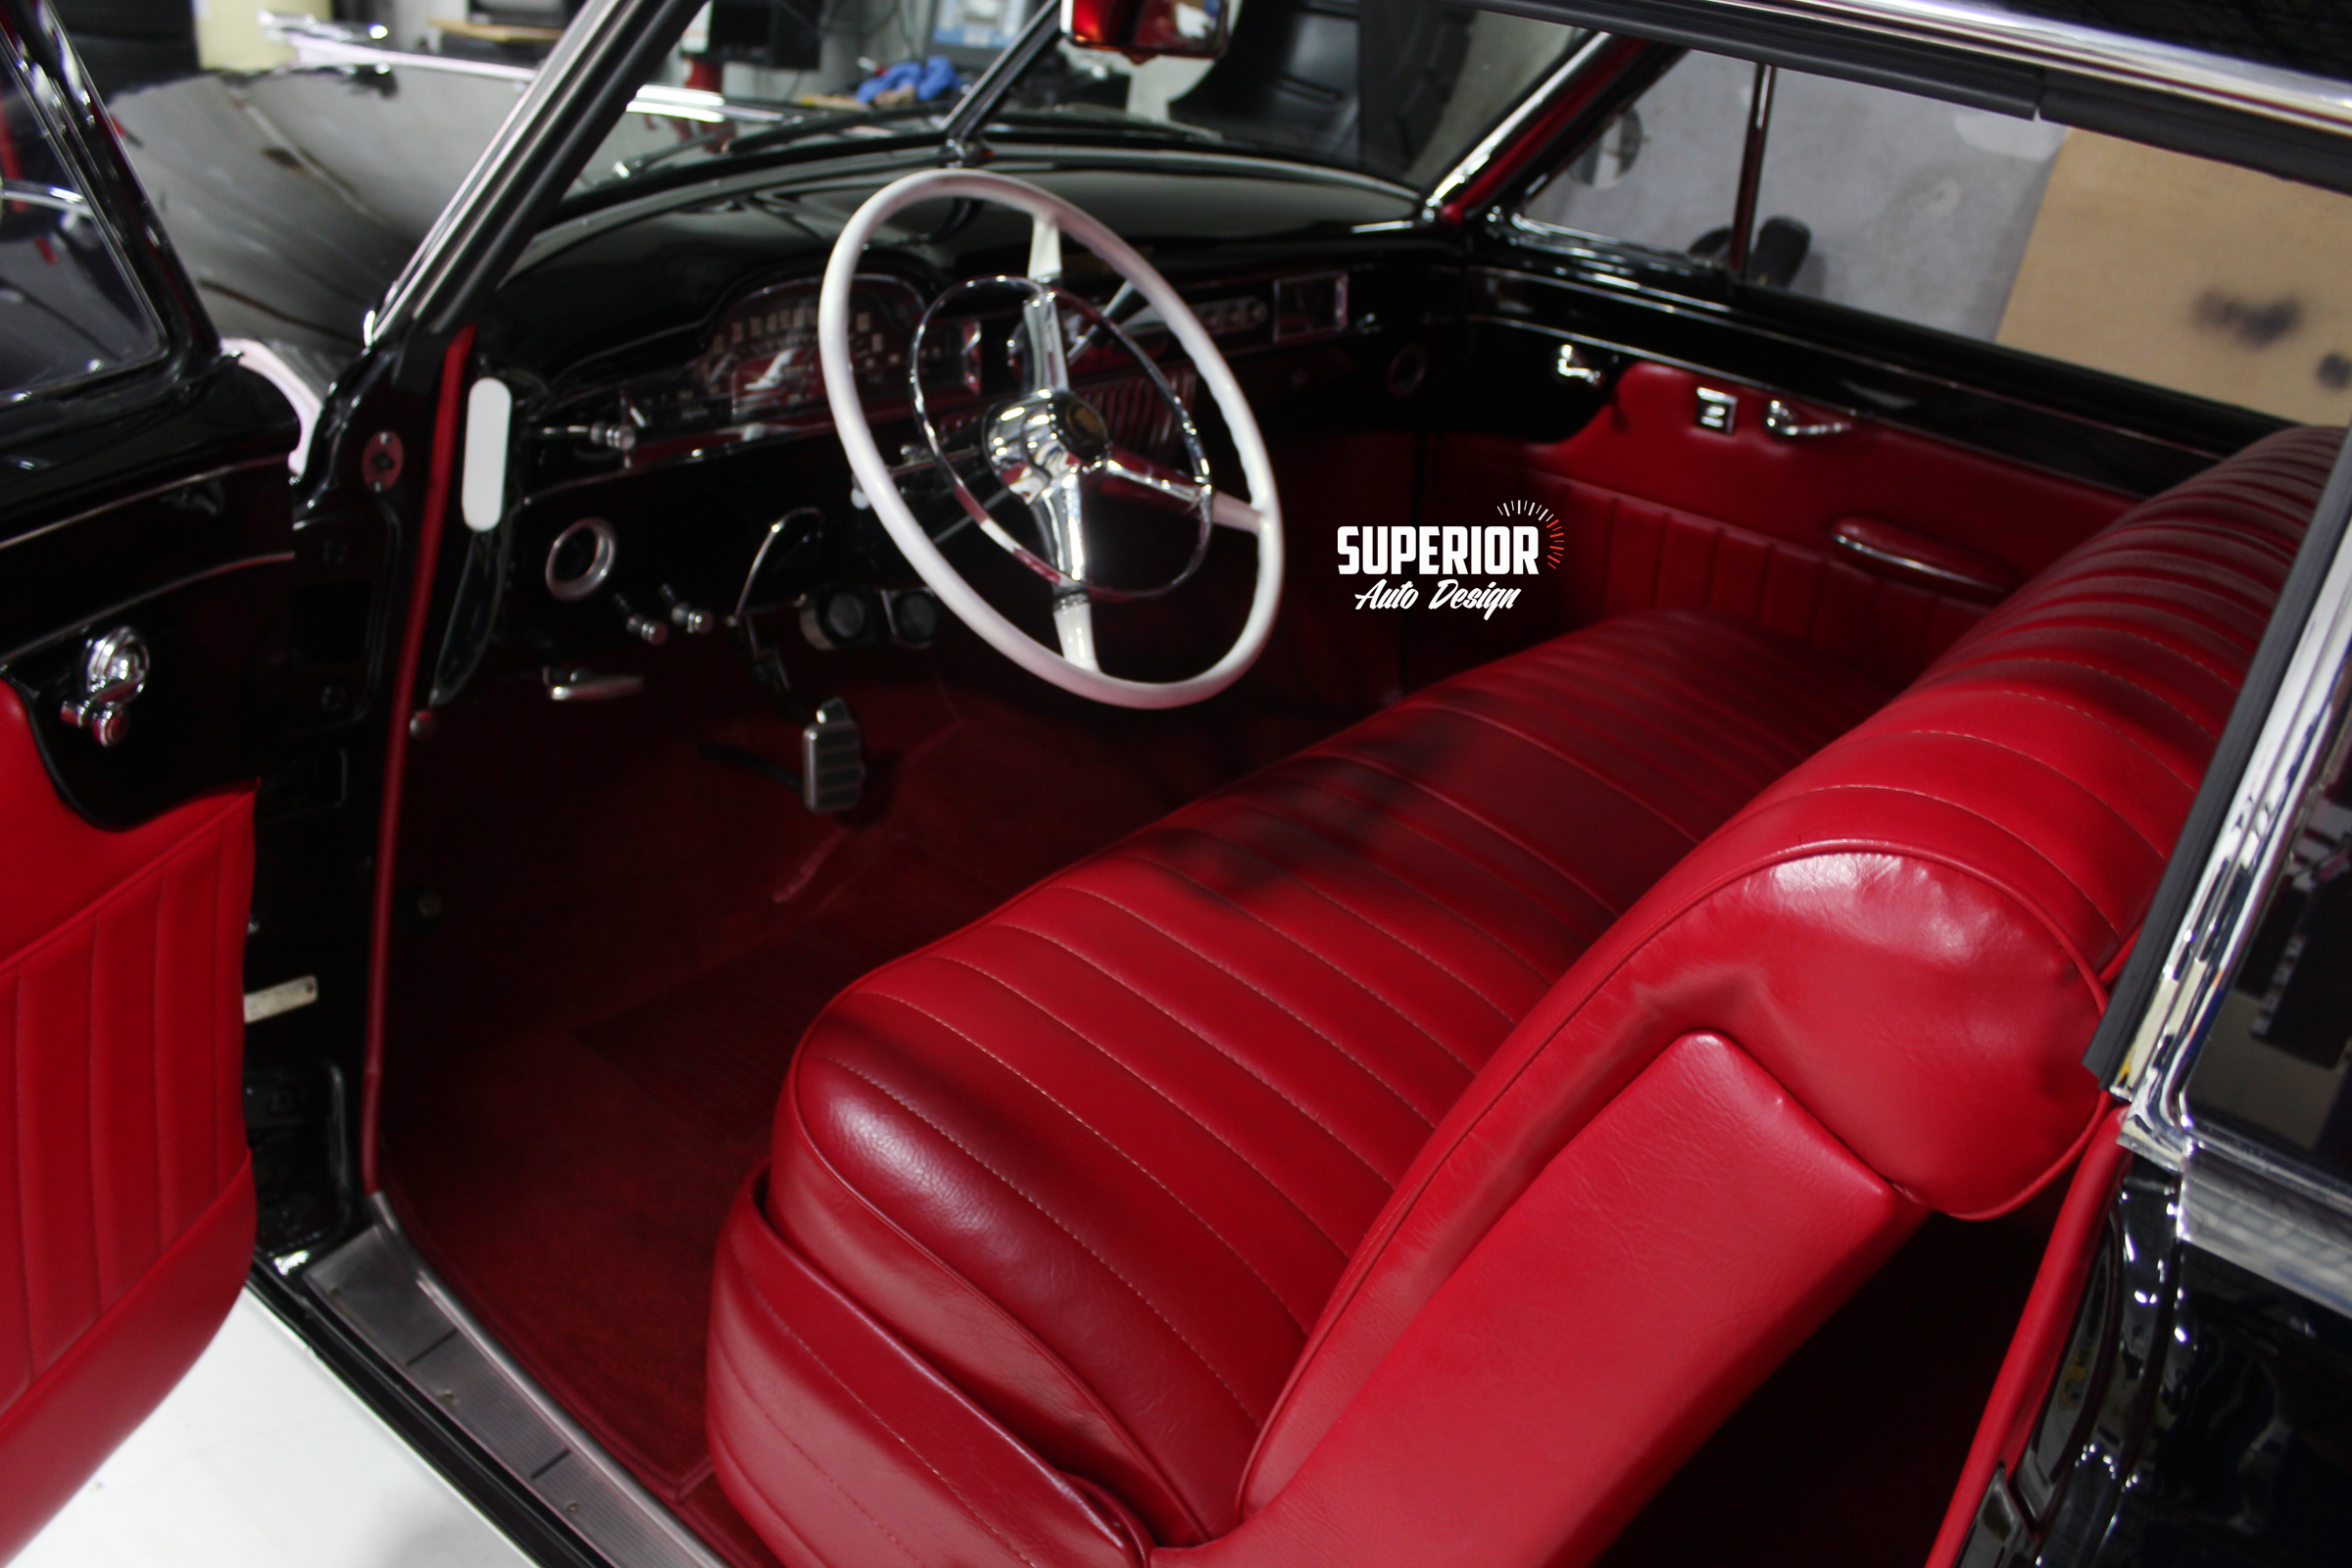 49-cadillac-customized-superior-auto-design-3